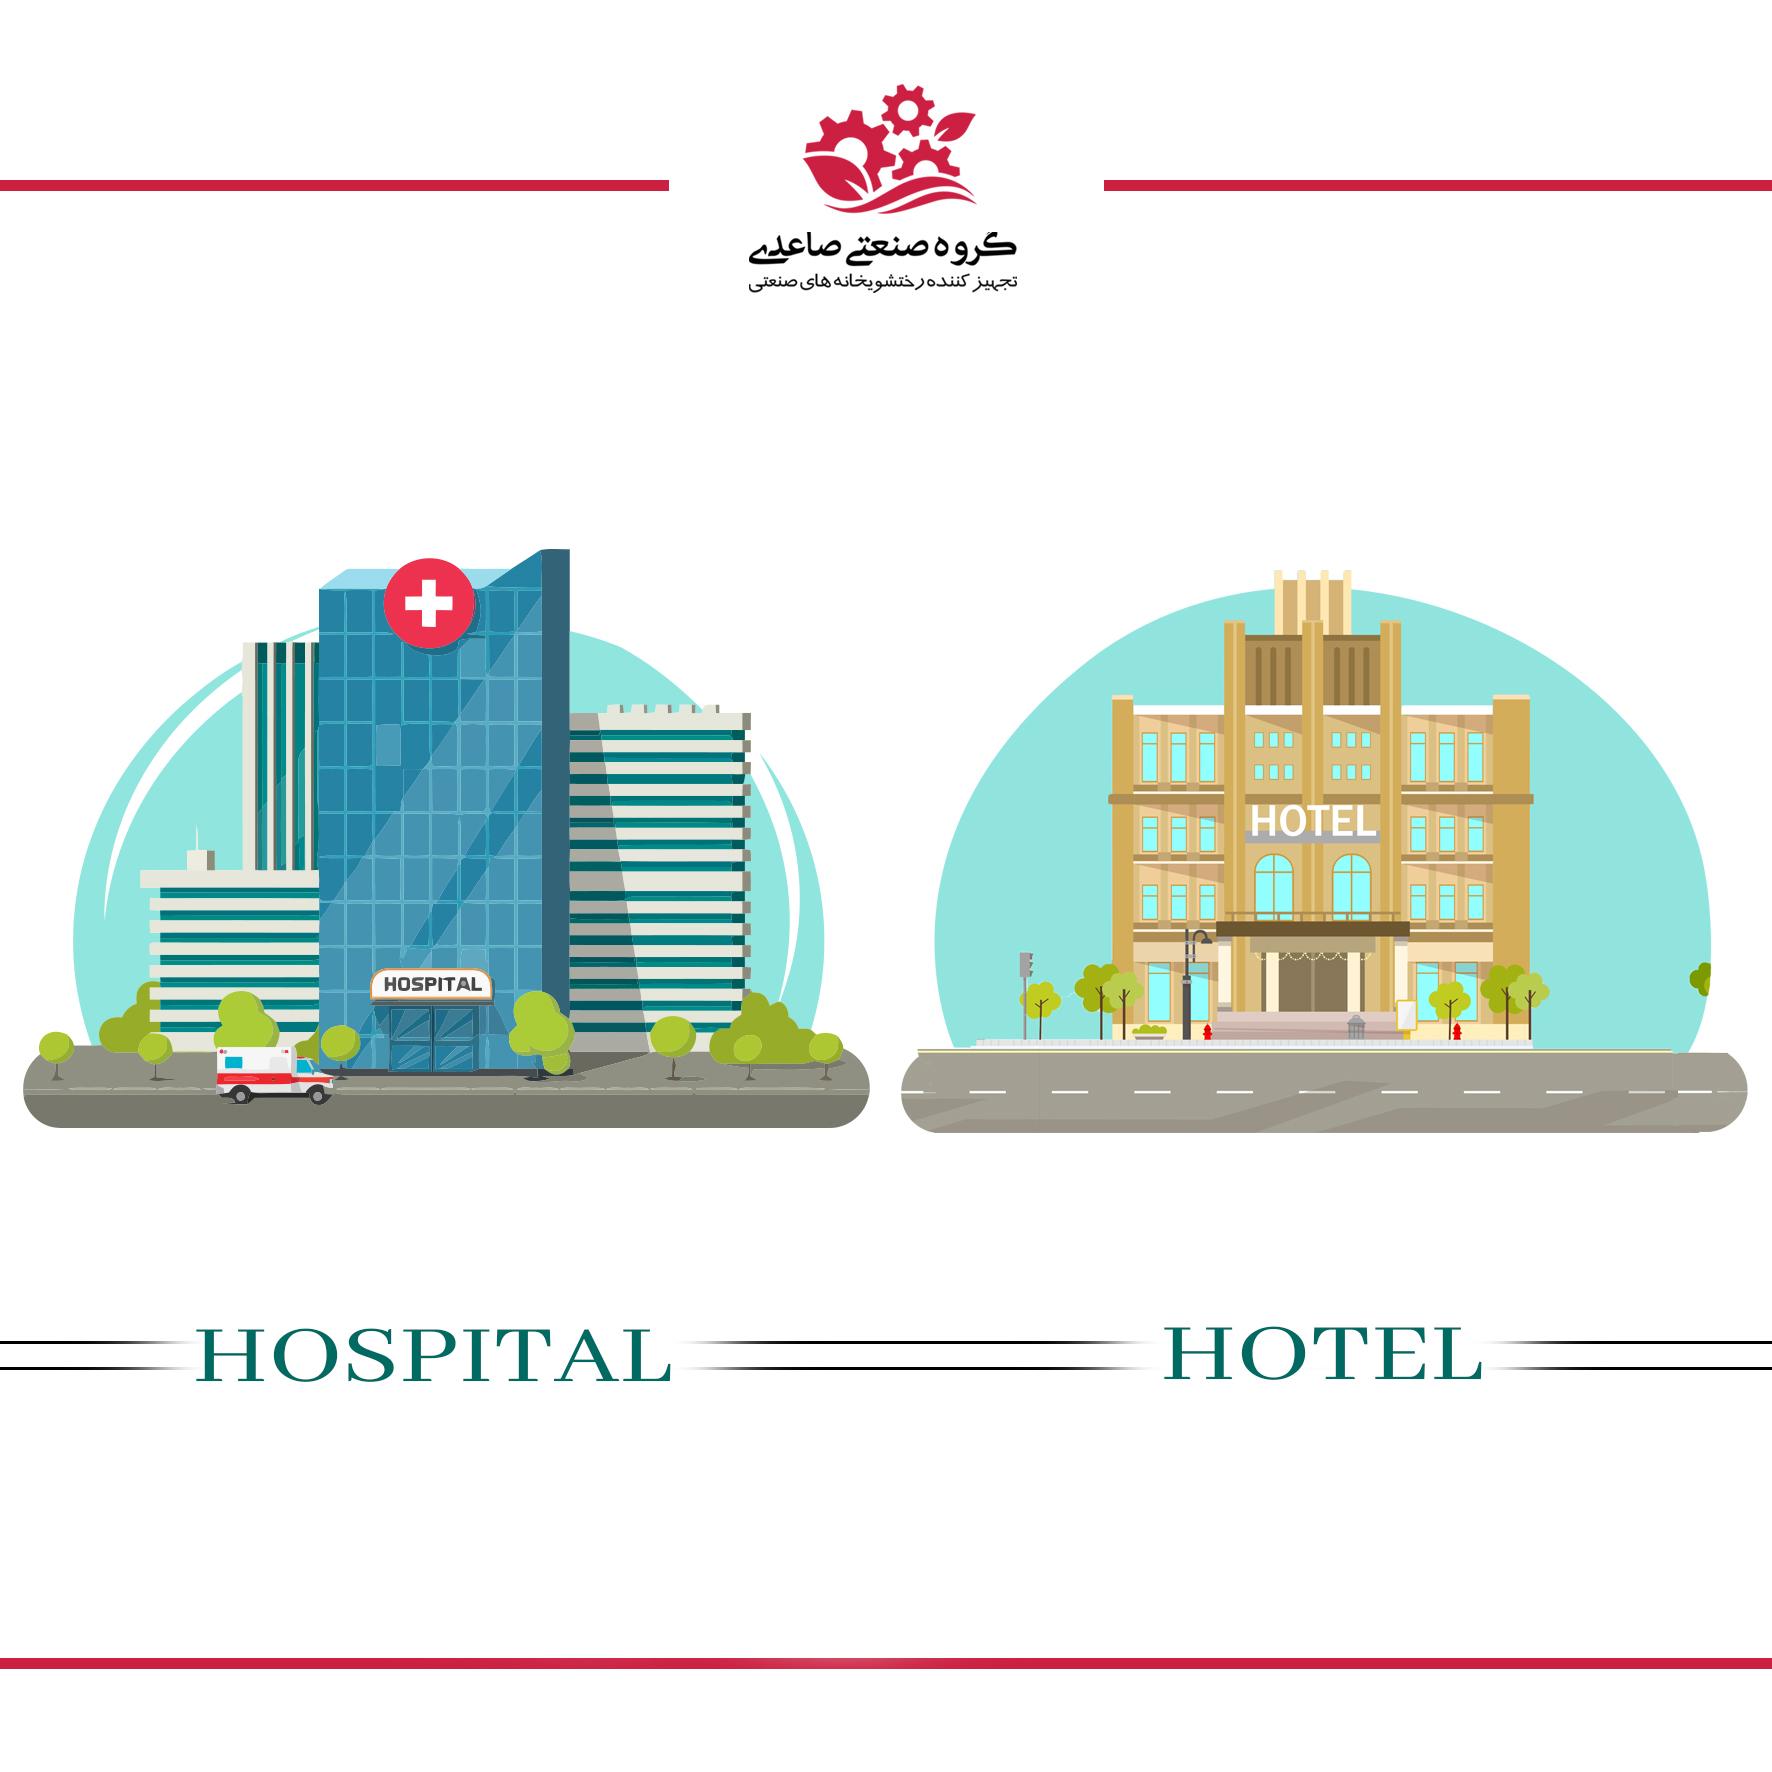 فرق رختشويخانه بيمارستان و هتل